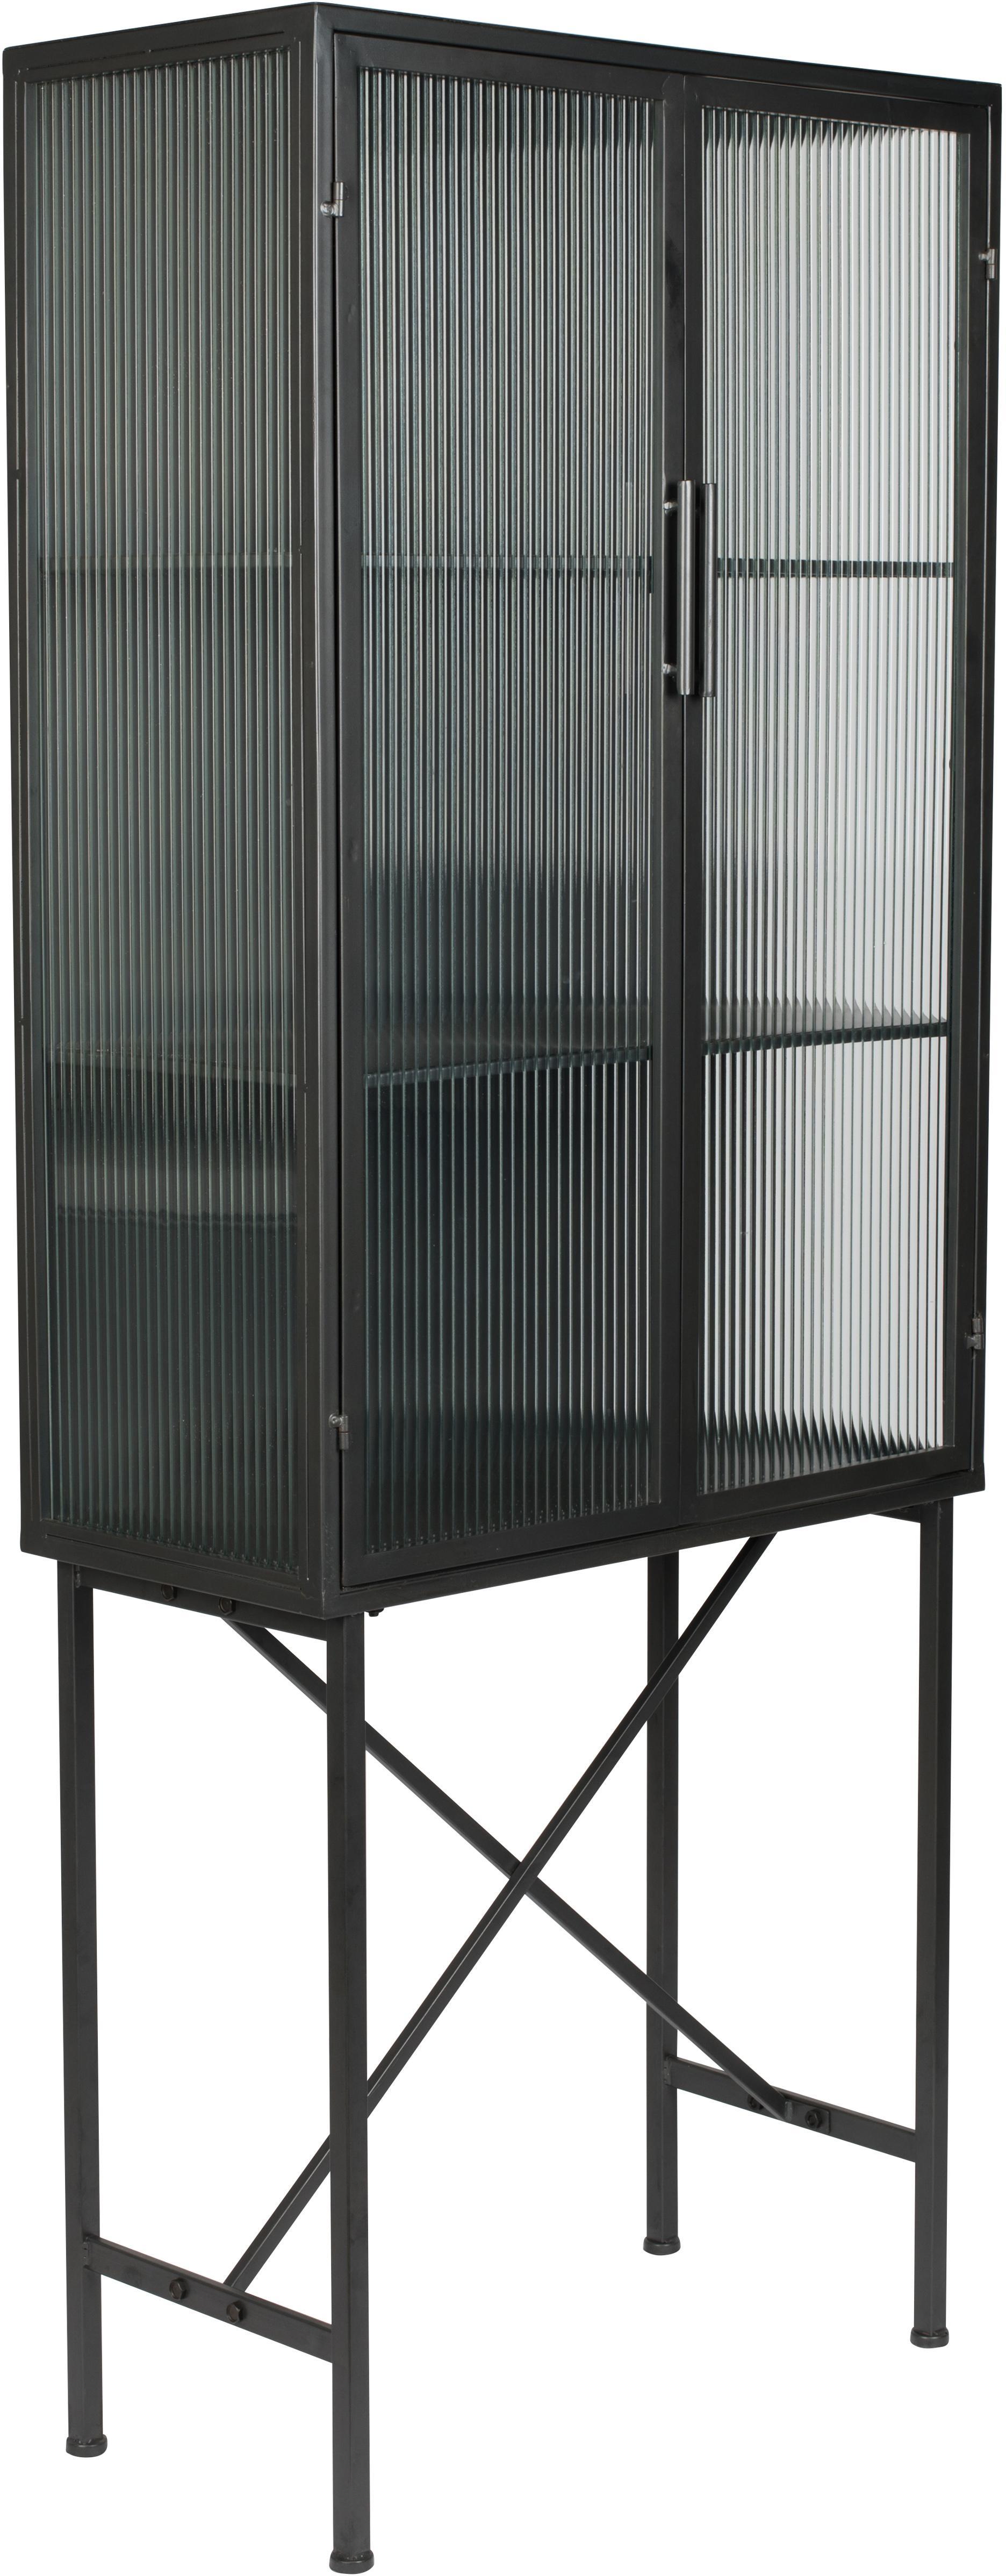 Vitrinenschrank Boli mit Rillenglas und Metallrahmen, Gestell: Metall, beschichtet, Front: Glas, Schwarz, Semi-Transparent, 70 x 178 cm